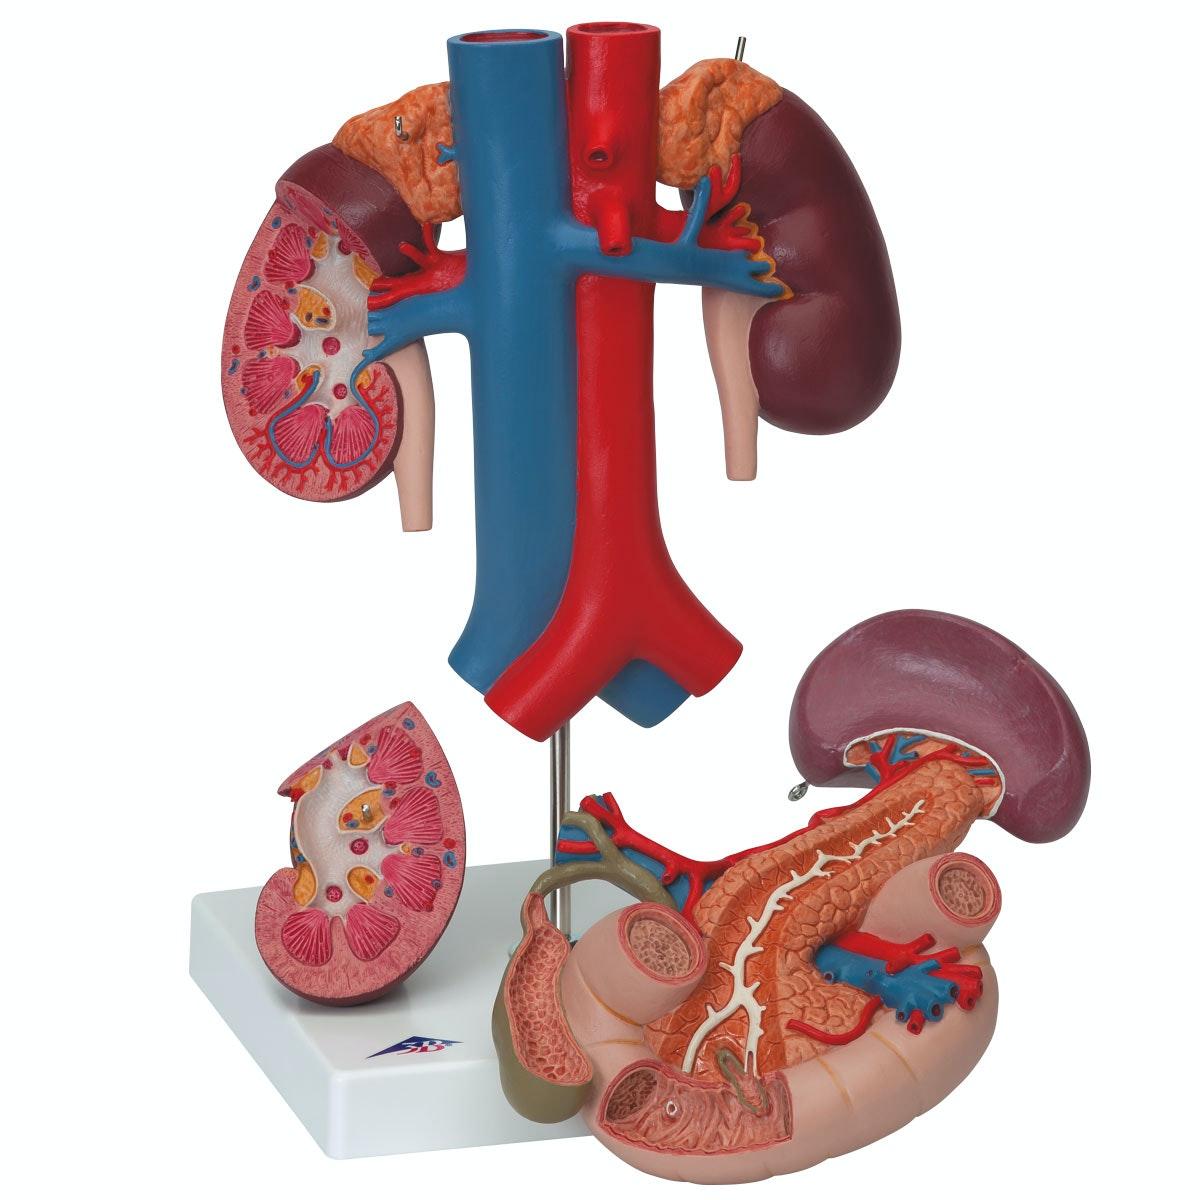 Detaljeret model af tolvfingertarmen og bugspytkirtlens relationer til andre organer - kan adskilles i 3 dele